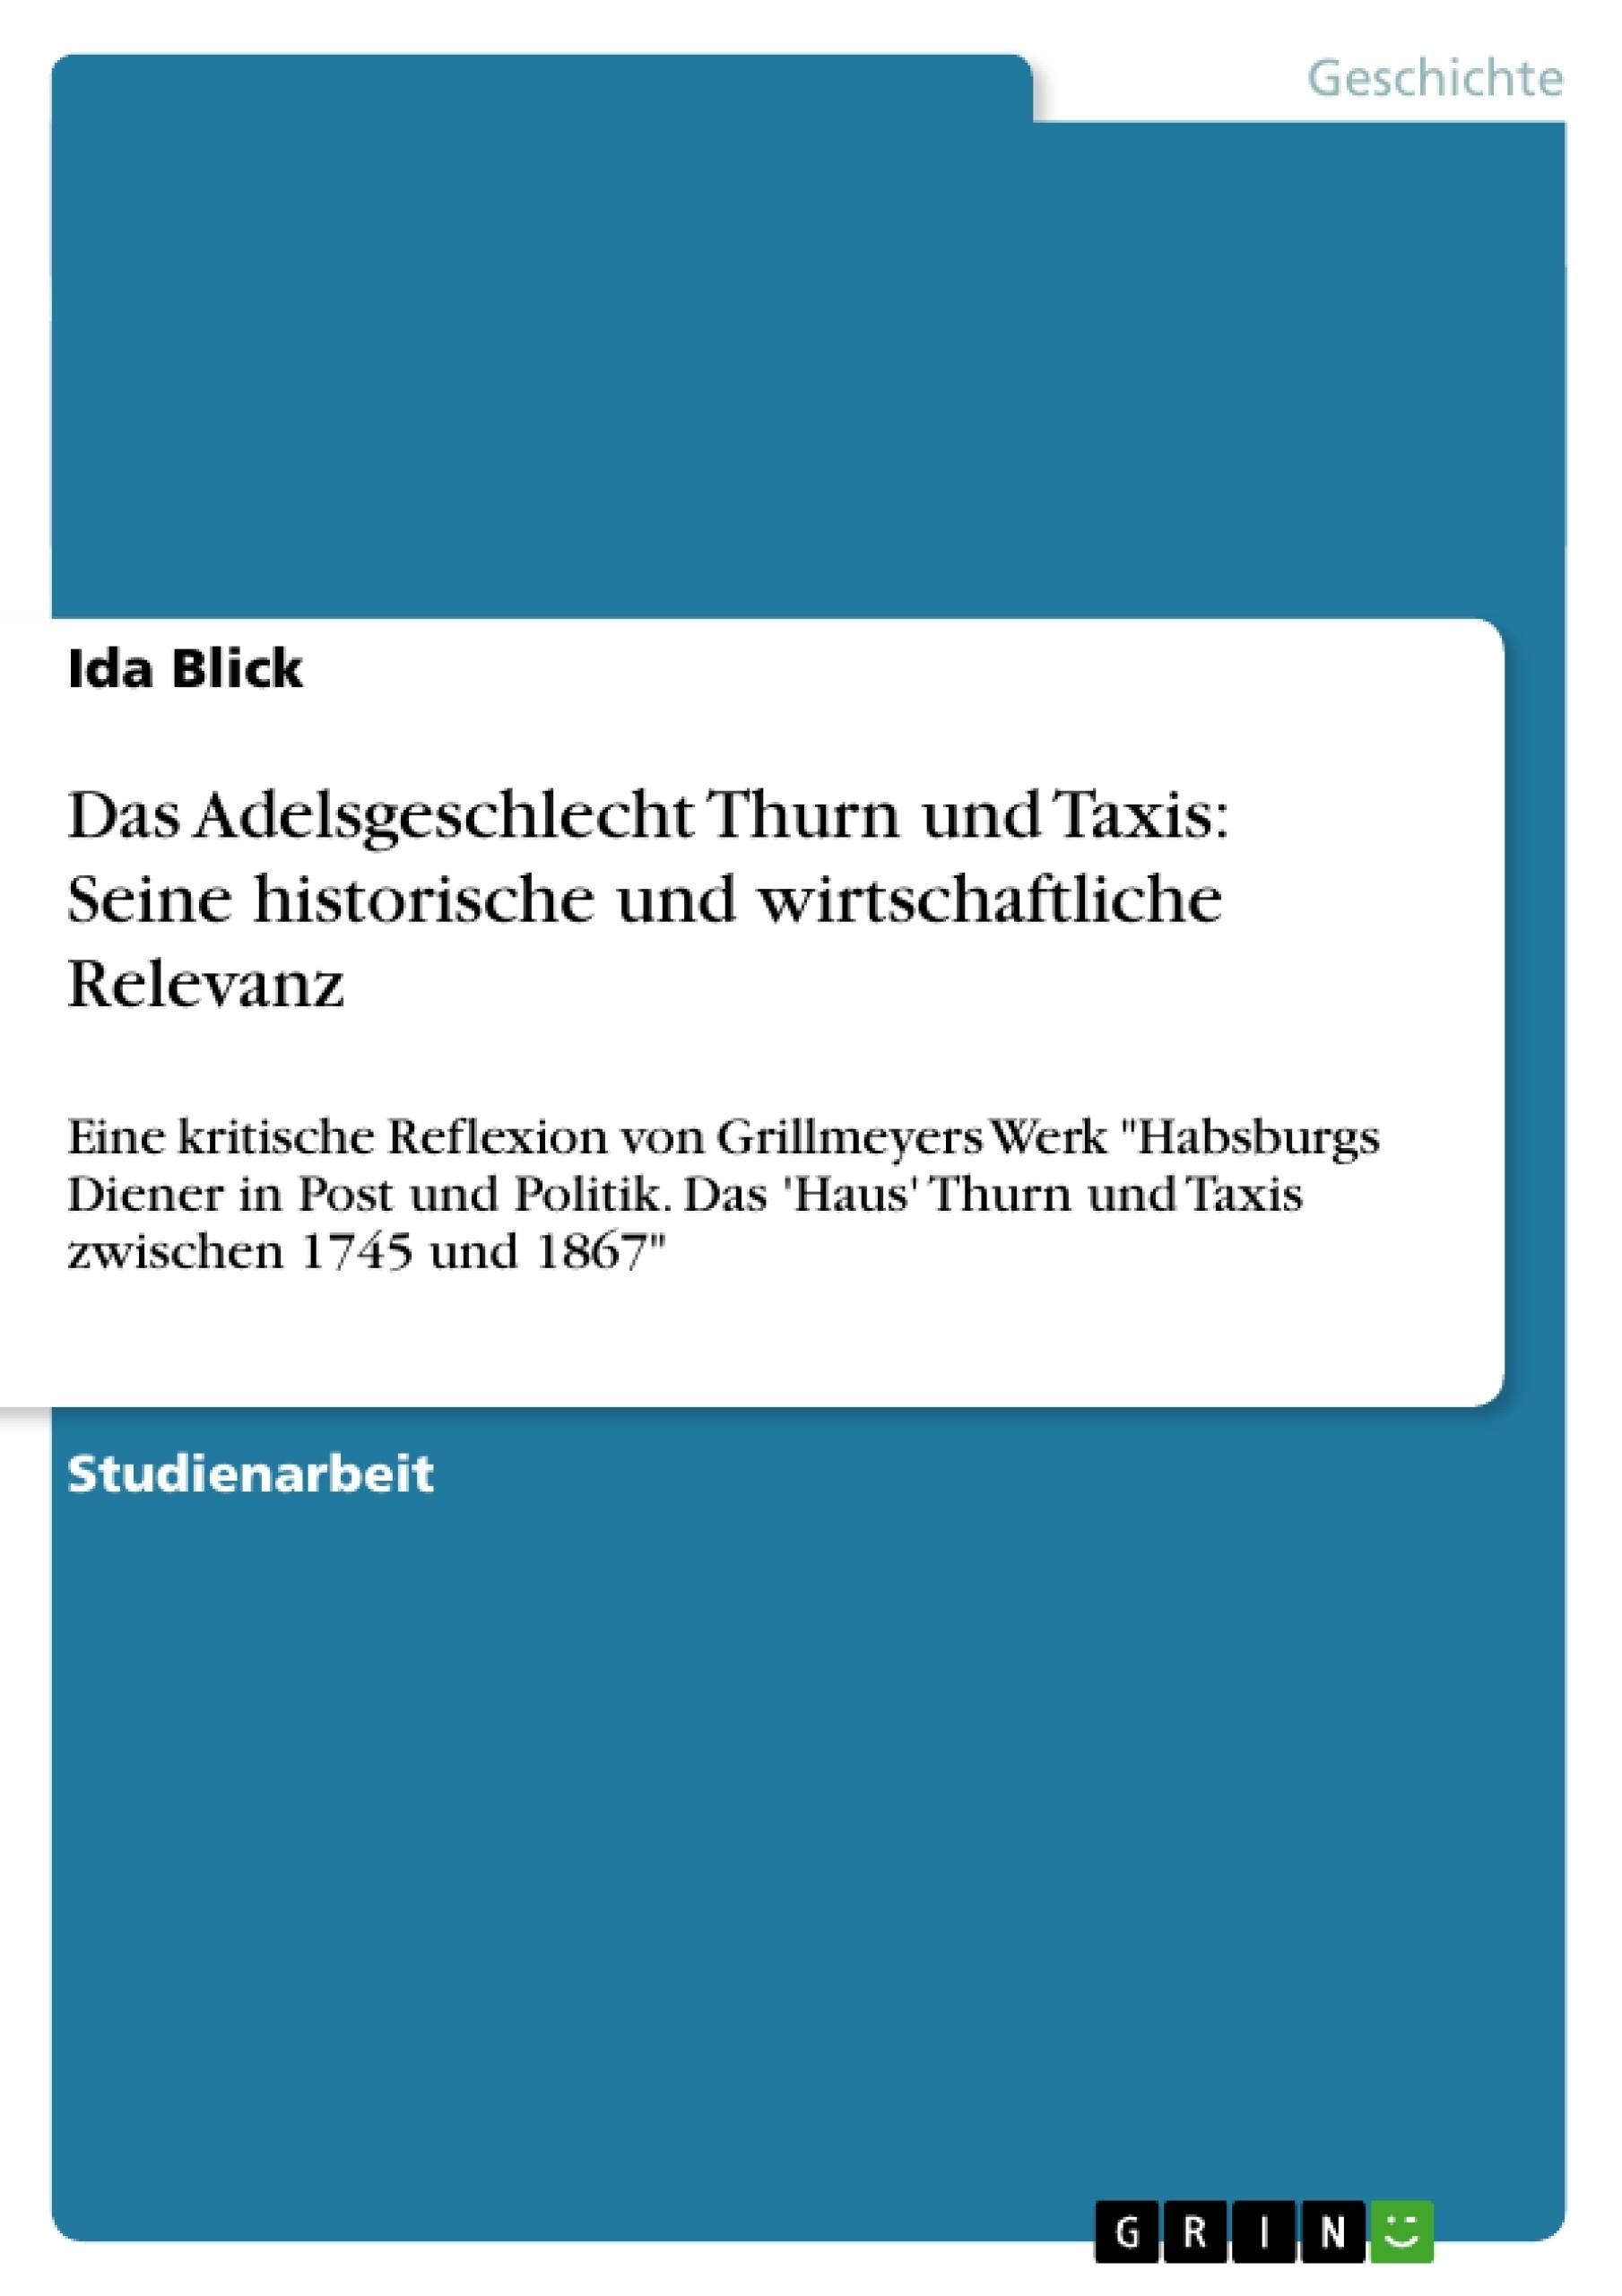 Titel: Das Adelsgeschlecht Thurn und Taxis: Seine historische und wirtschaftliche Relevanz